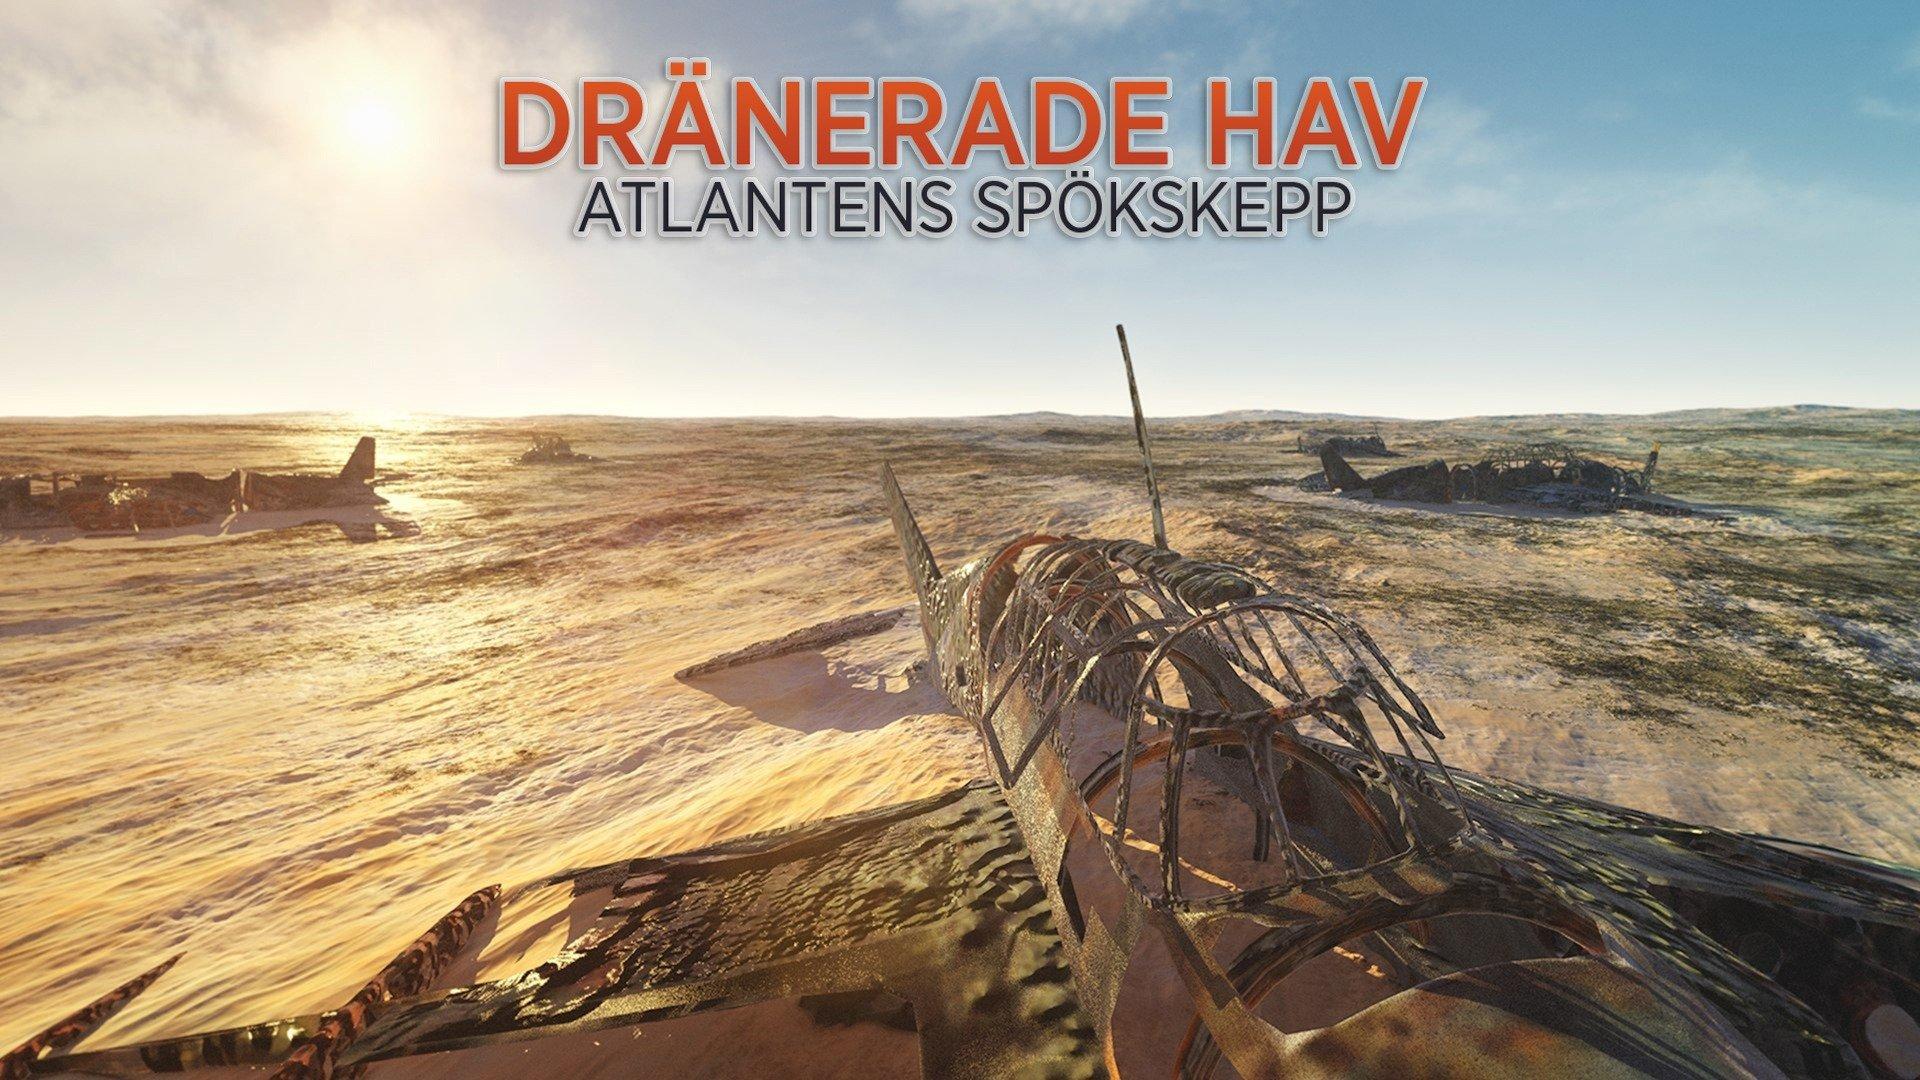 Dränerade hav: Atlantens spökskepp